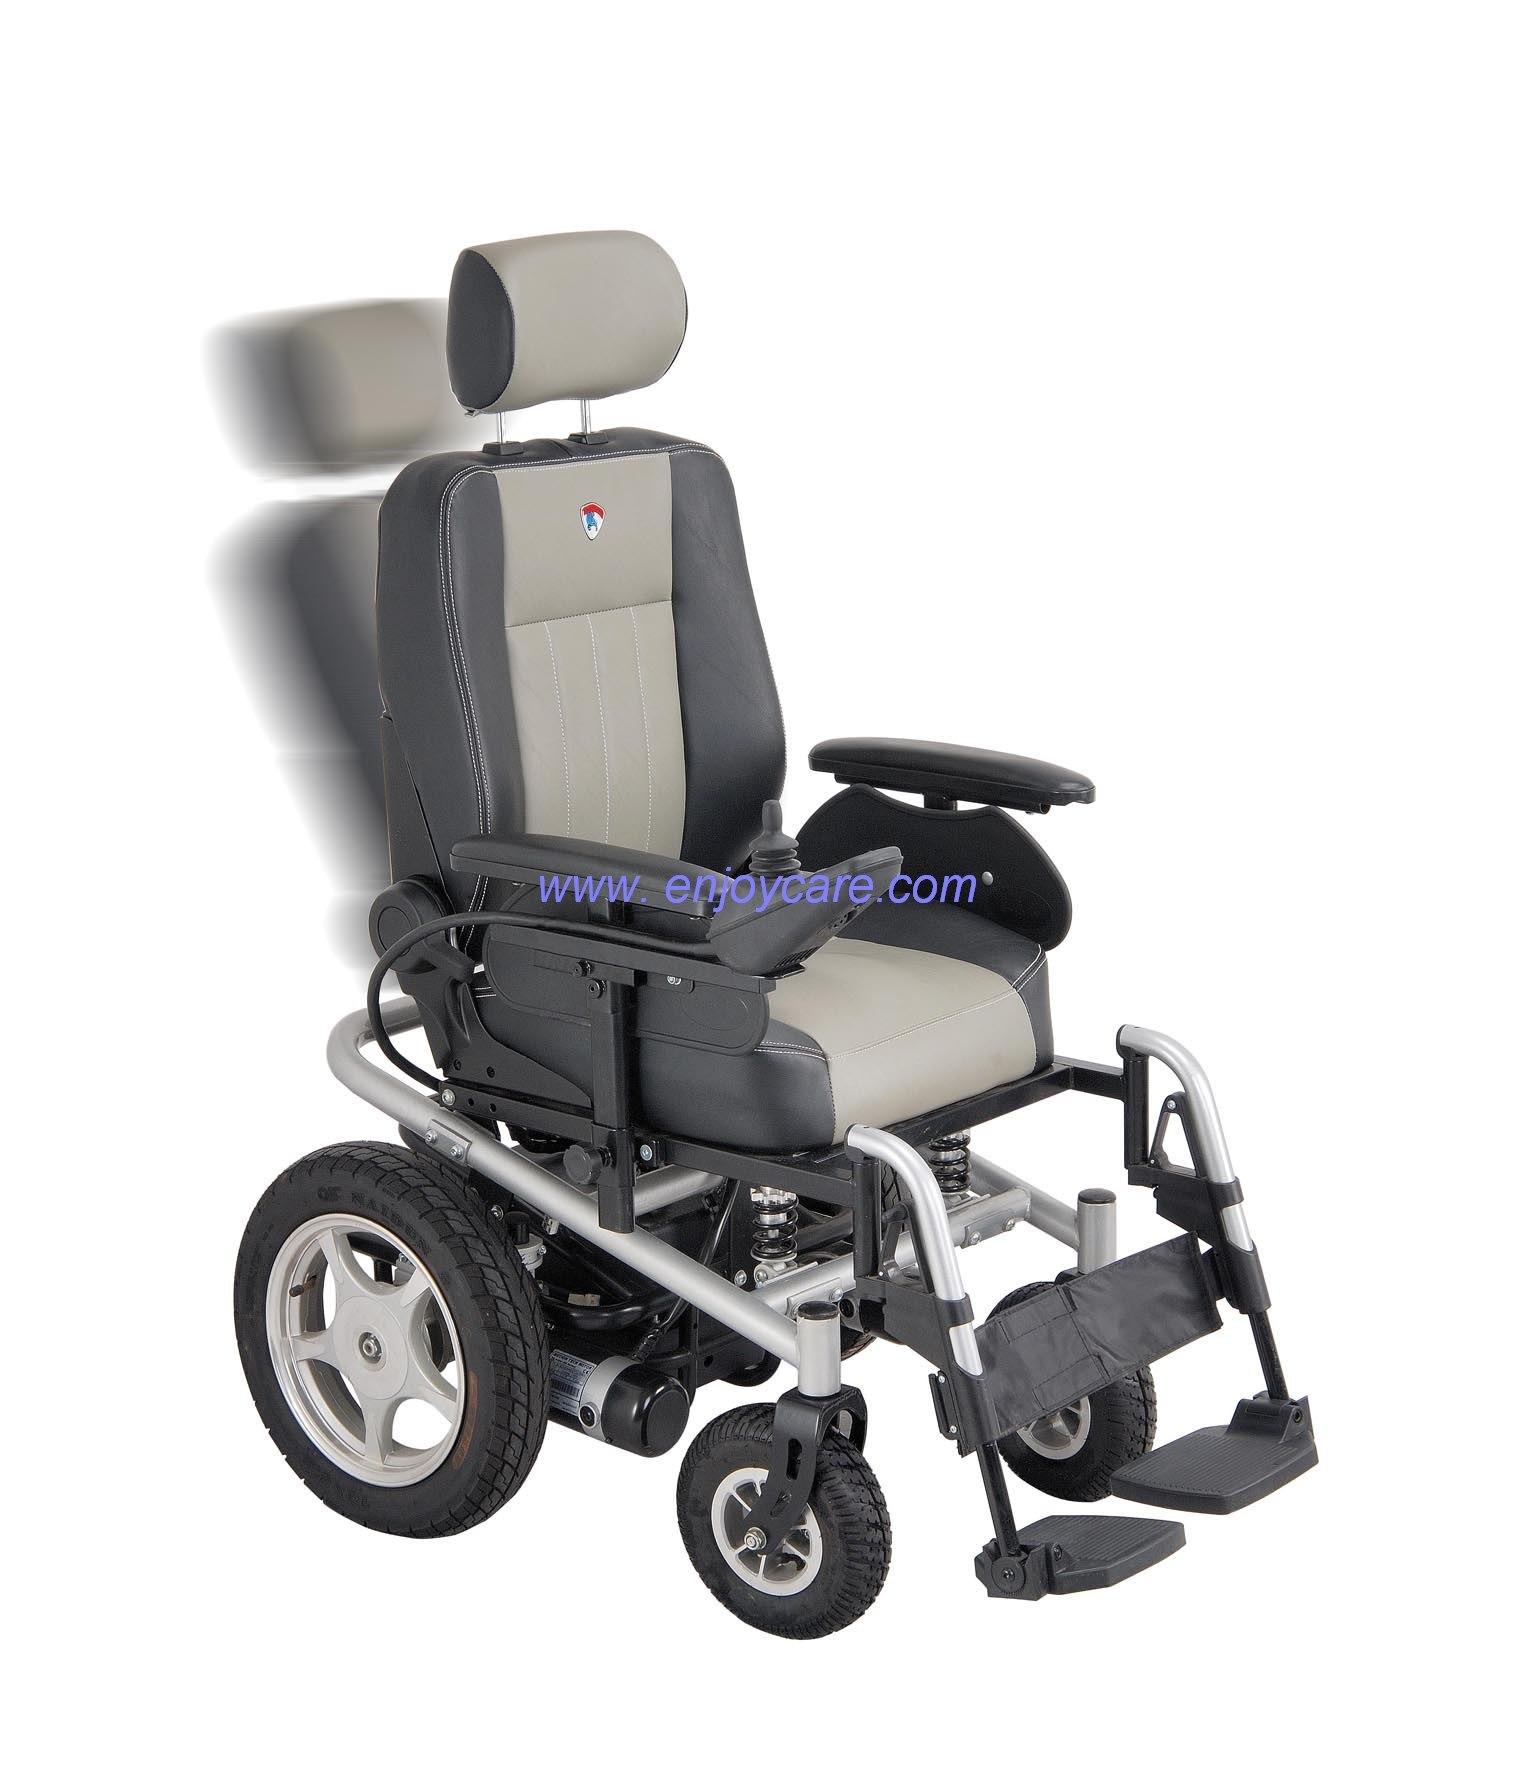 fauteuil roulant lectrique de fauteuil roulant d. Black Bedroom Furniture Sets. Home Design Ideas